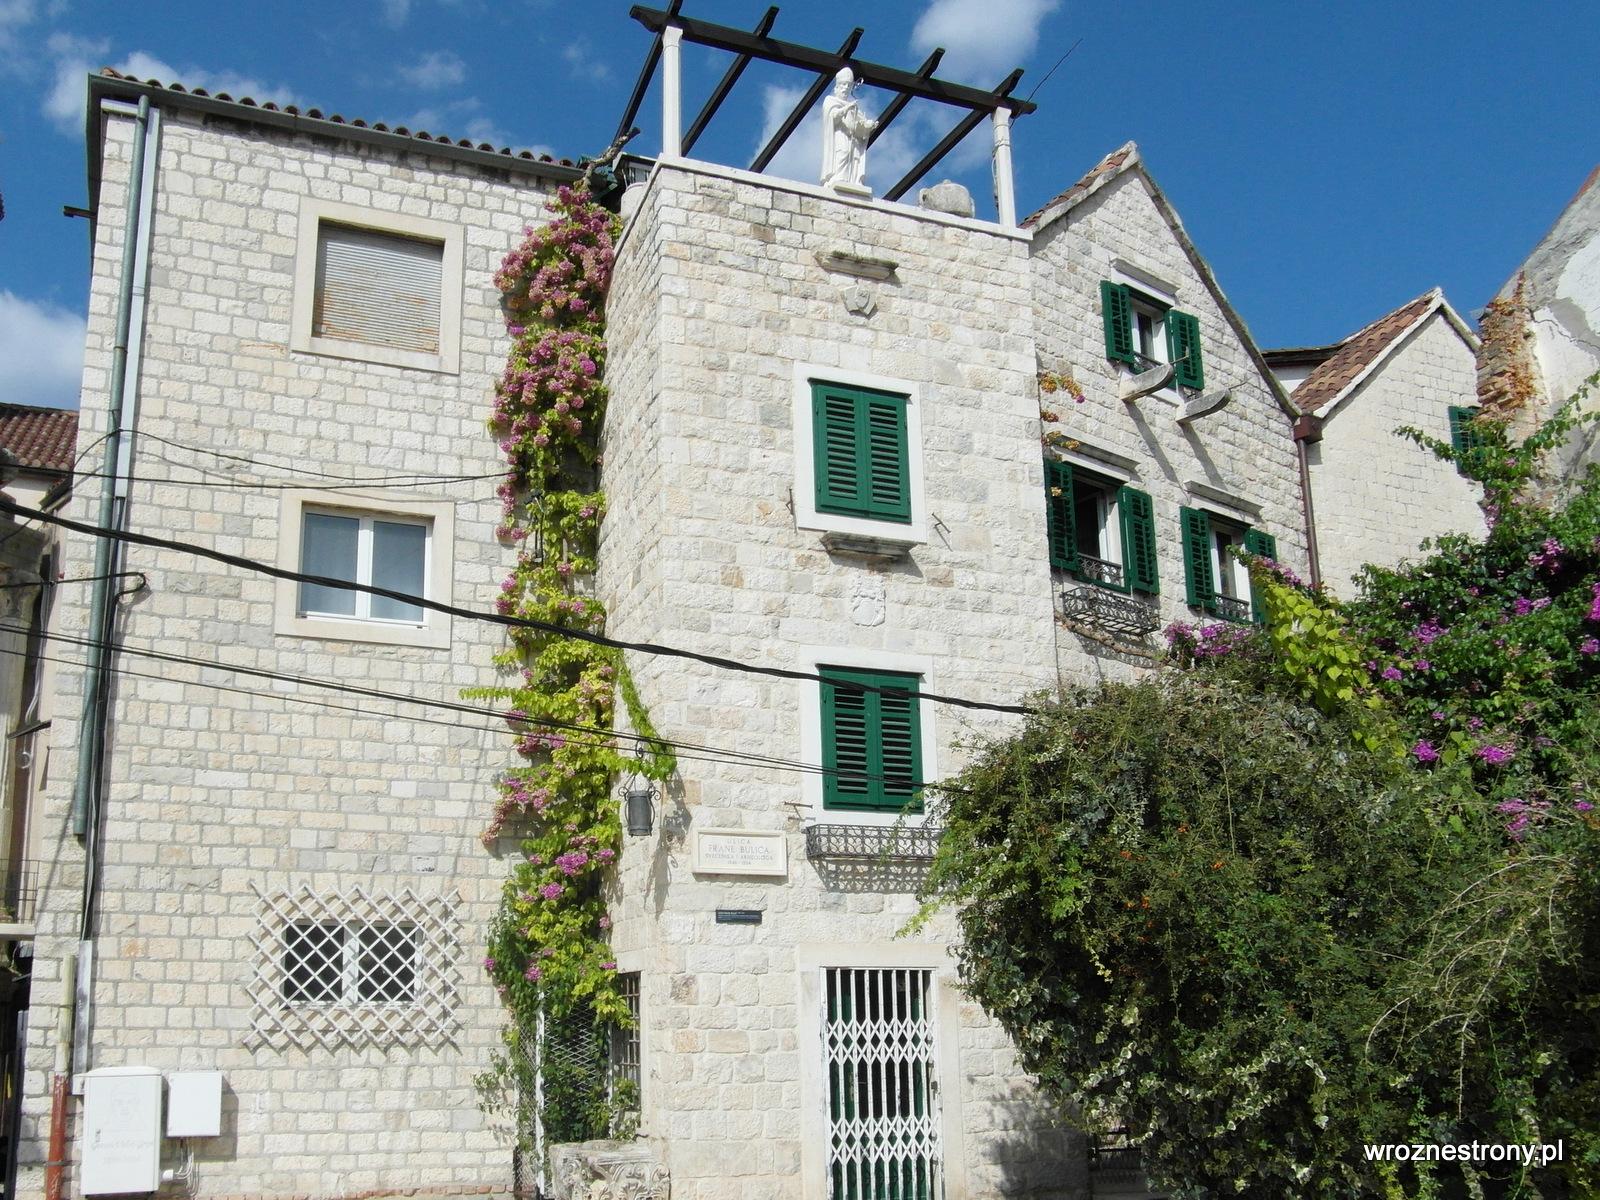 Budynki mieszkalne na terenie Pałacu Dioklecjana